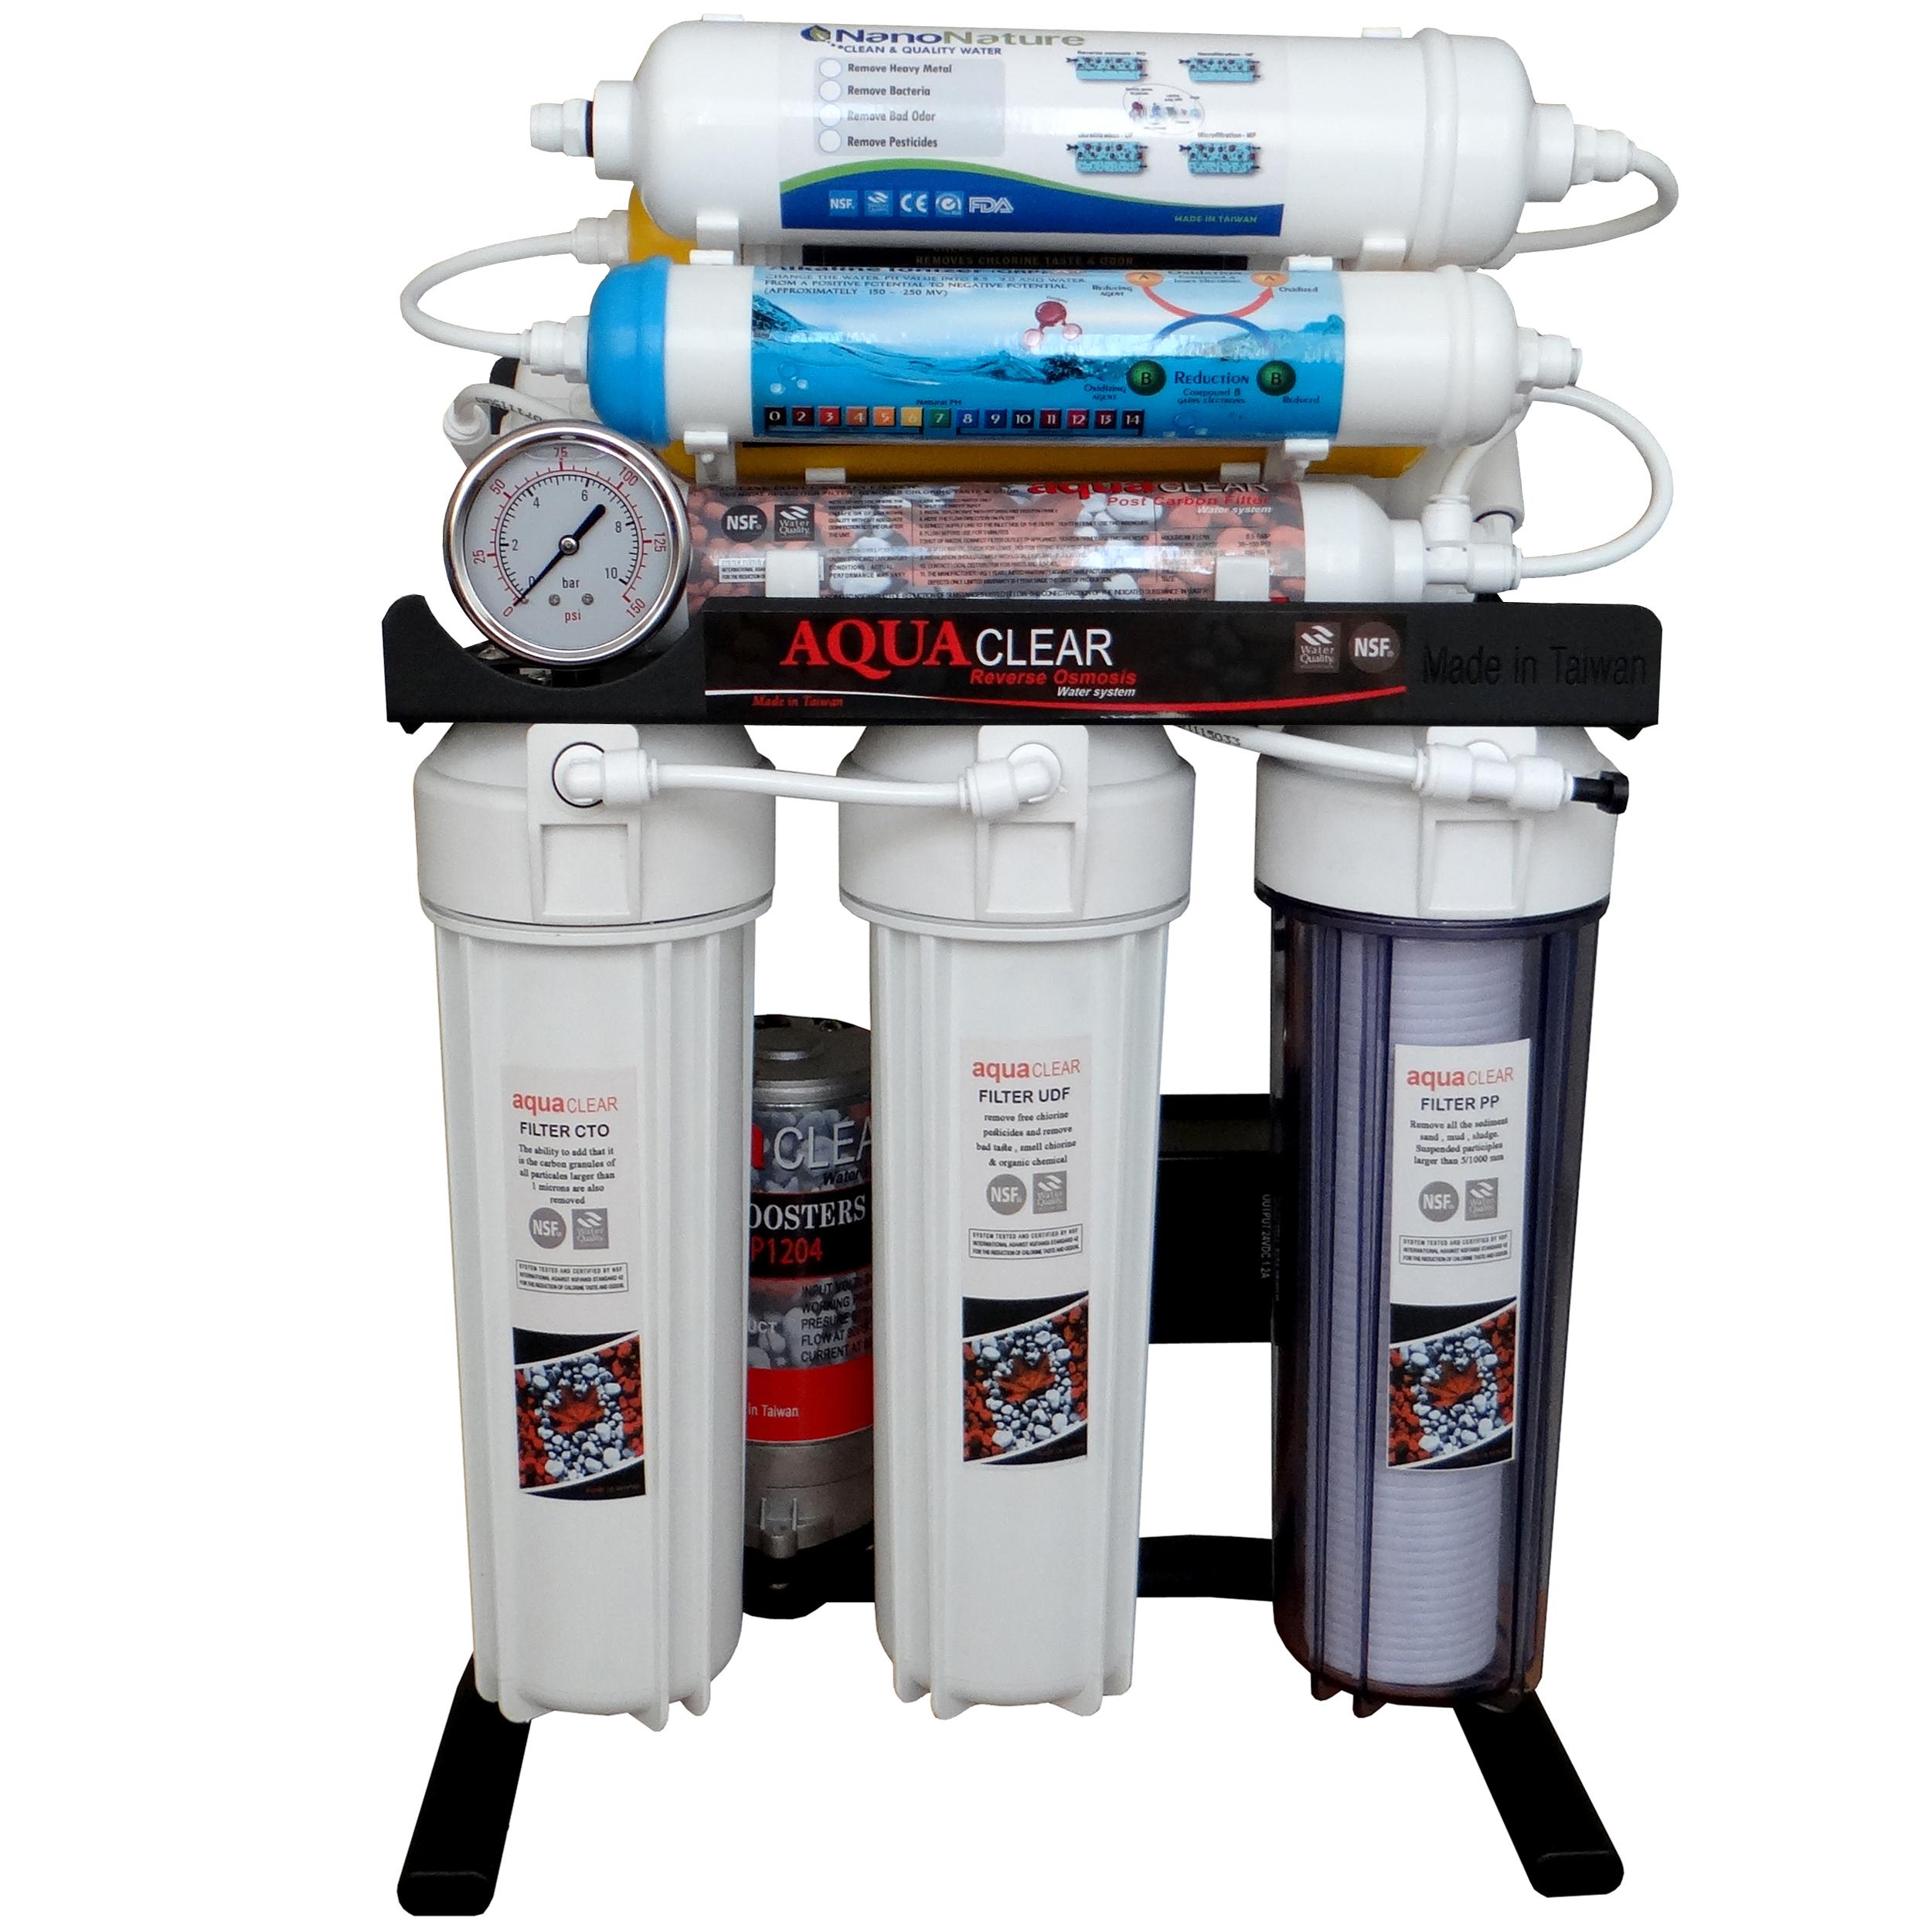 دستگاه تصفیه کننده آب آکوآکلیر مدل BLACK RADIX - 2400